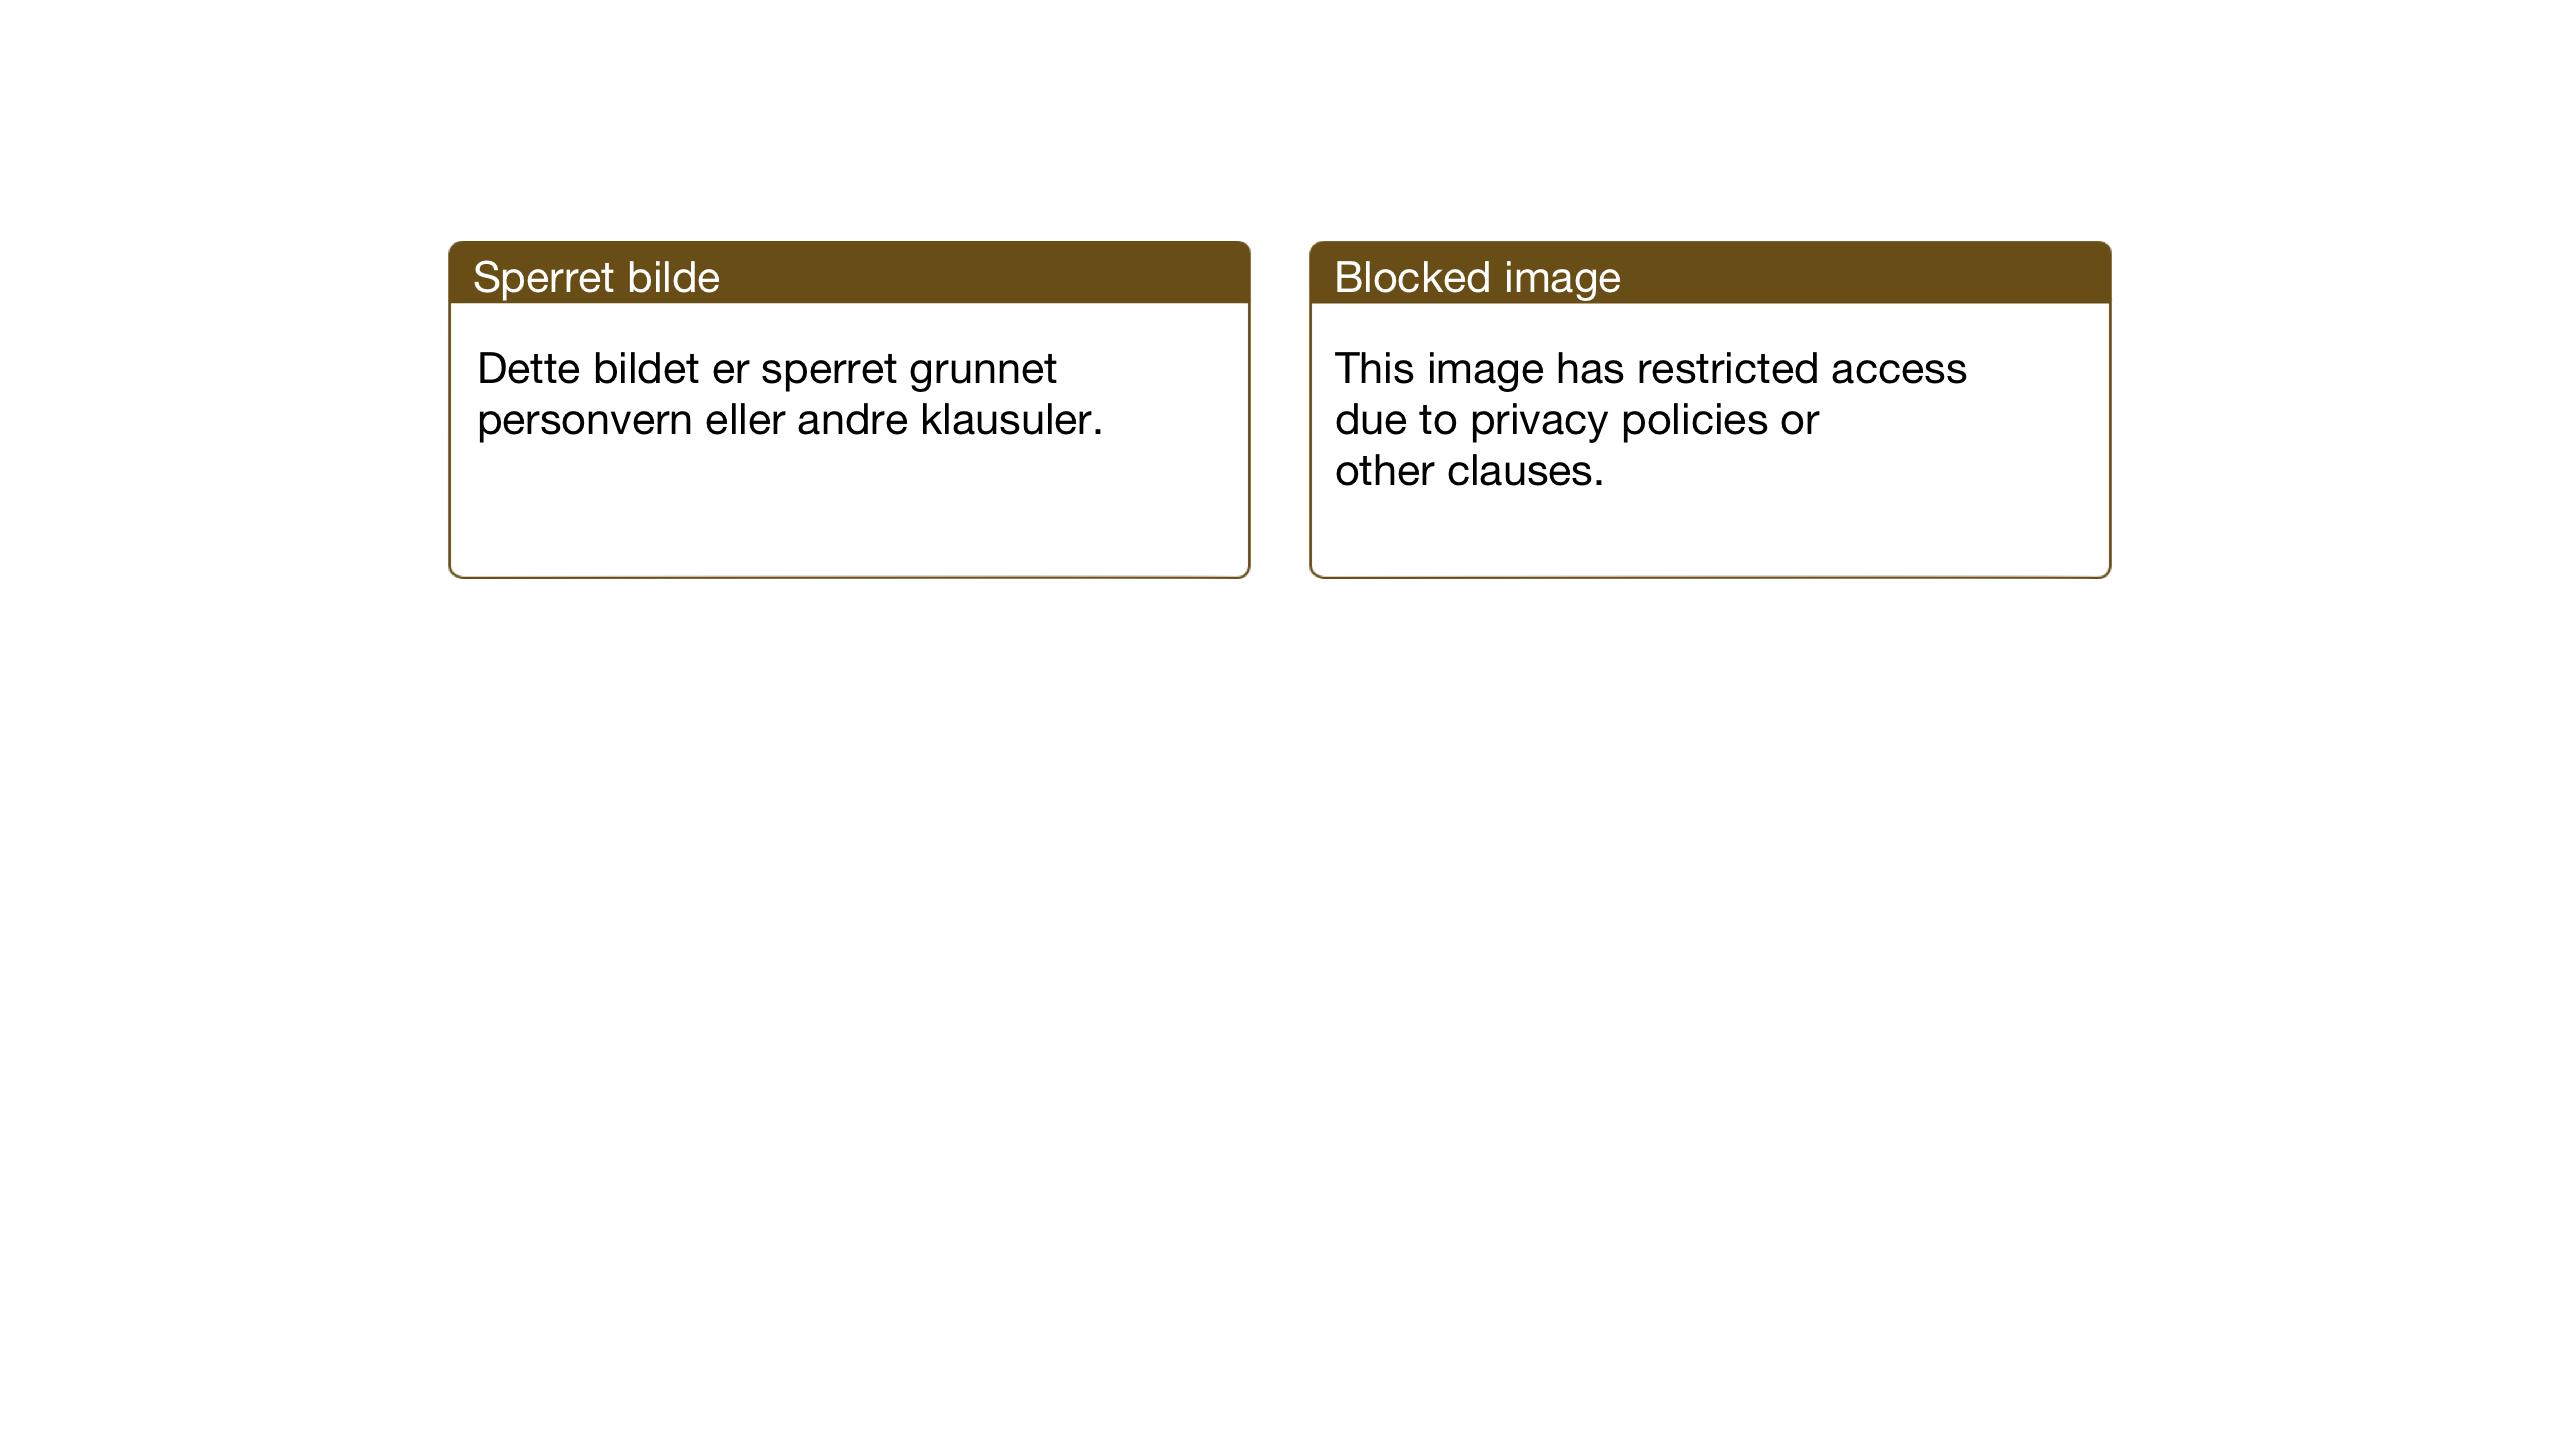 SAT, Ministerialprotokoller, klokkerbøker og fødselsregistre - Nord-Trøndelag, 755/L0500: Klokkerbok nr. 755C01, 1920-1962, s. 101